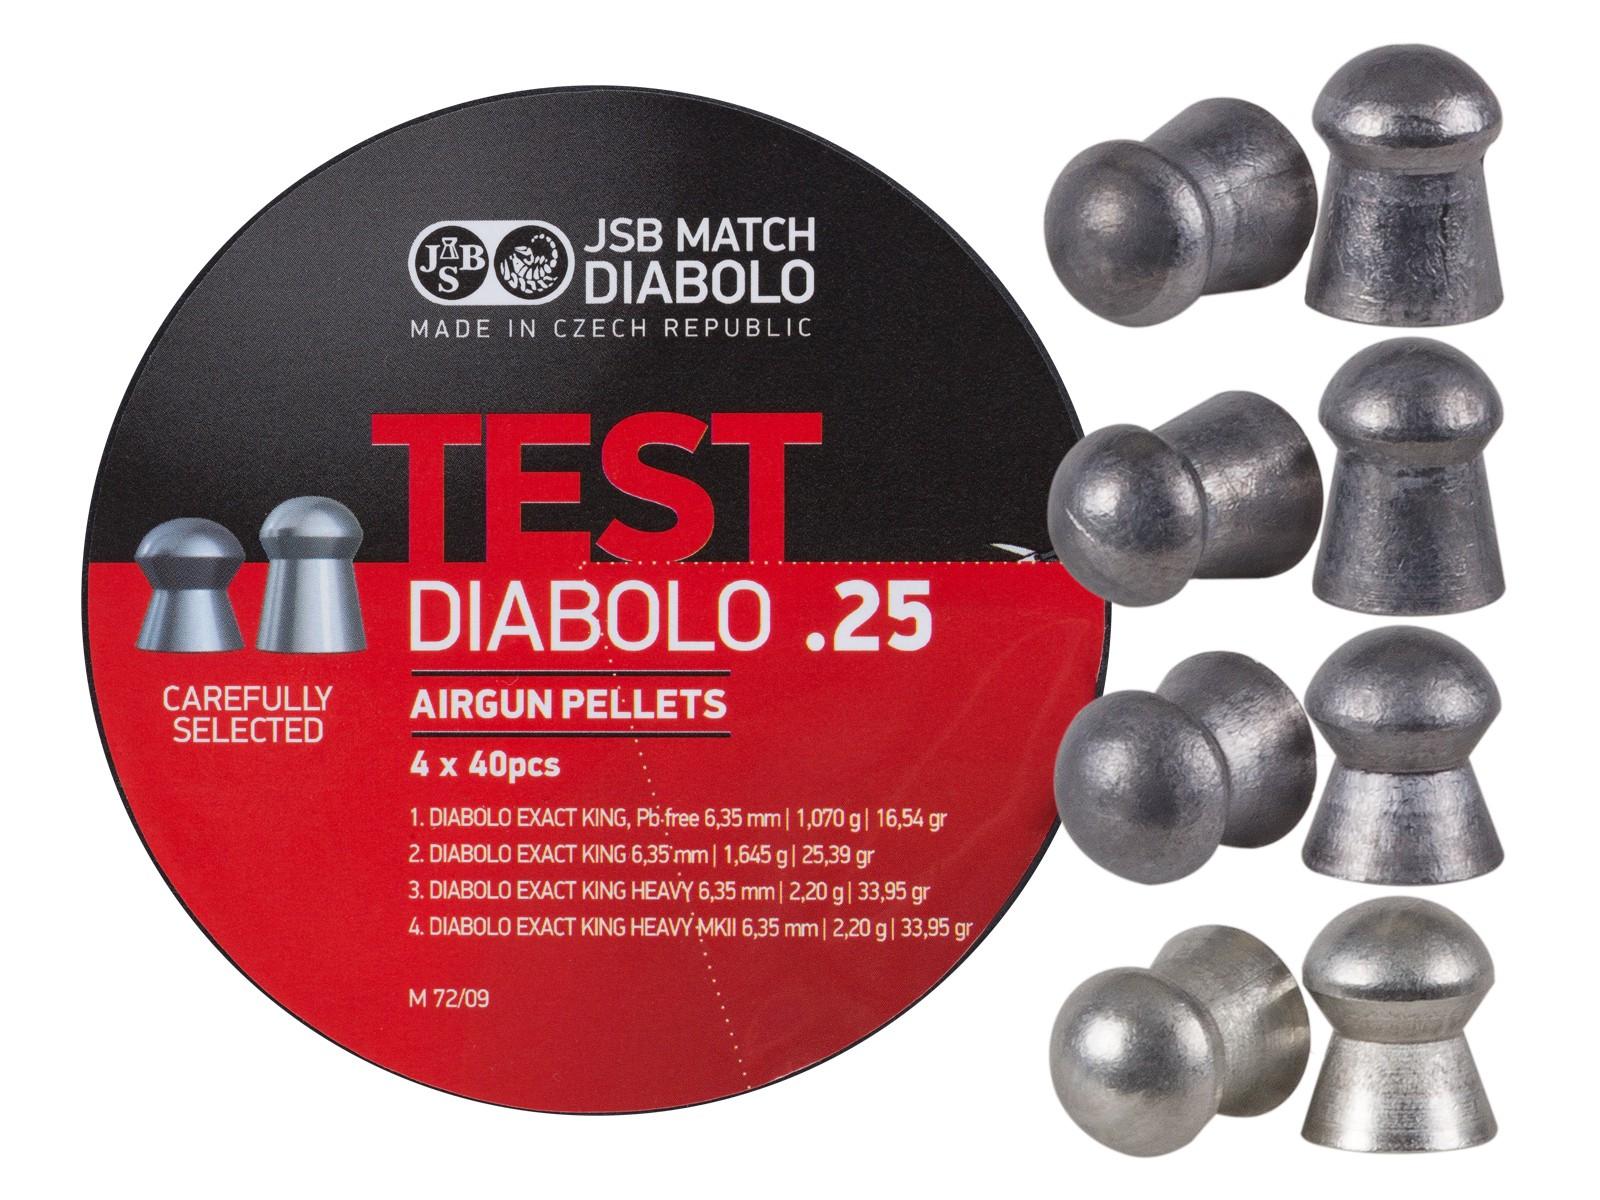 JSB Diabolo Test